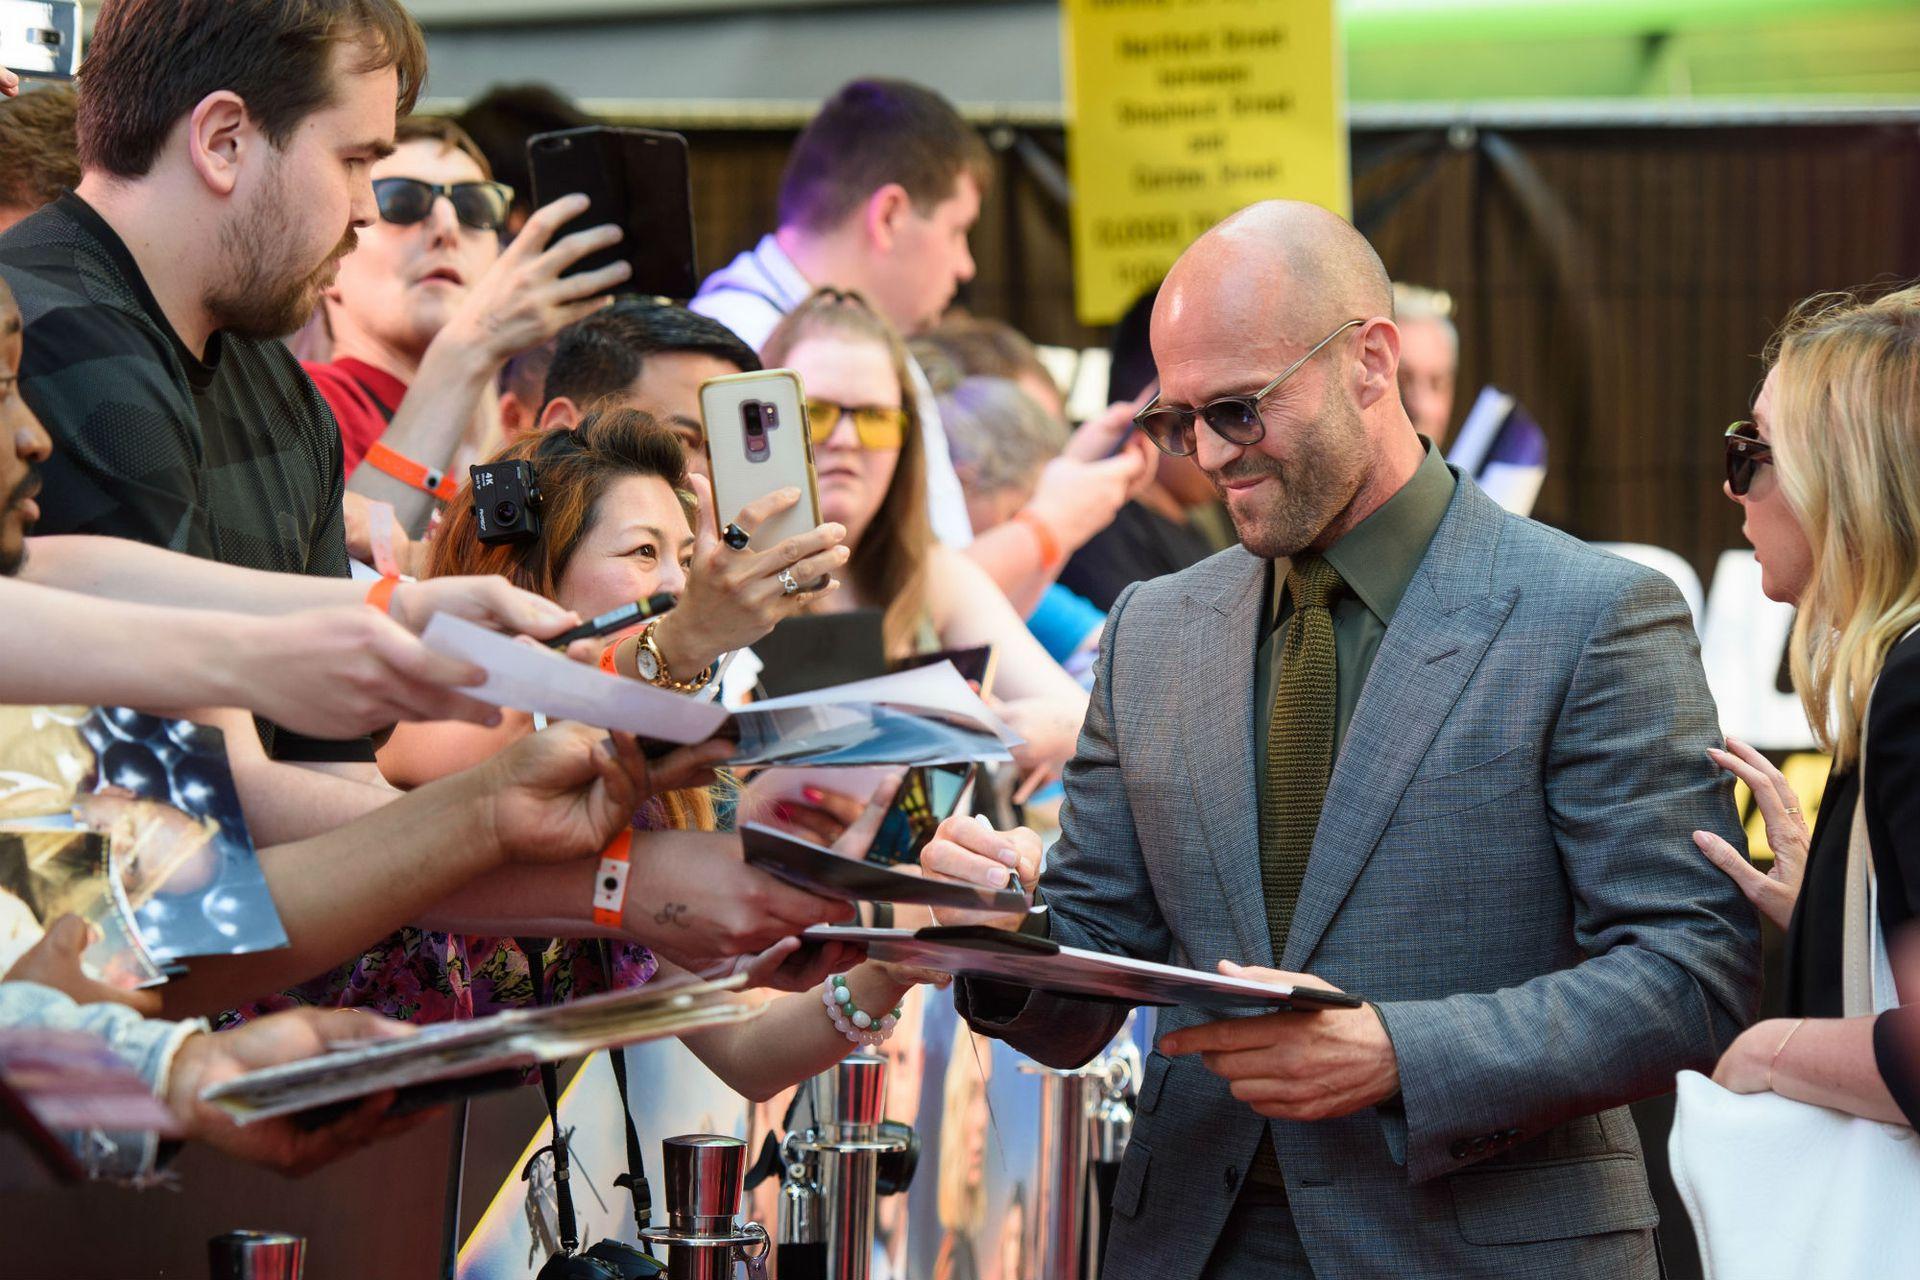 Jason Statham, bien dispuesto a firmar autógrafos y sacarse fotos con los fans del film